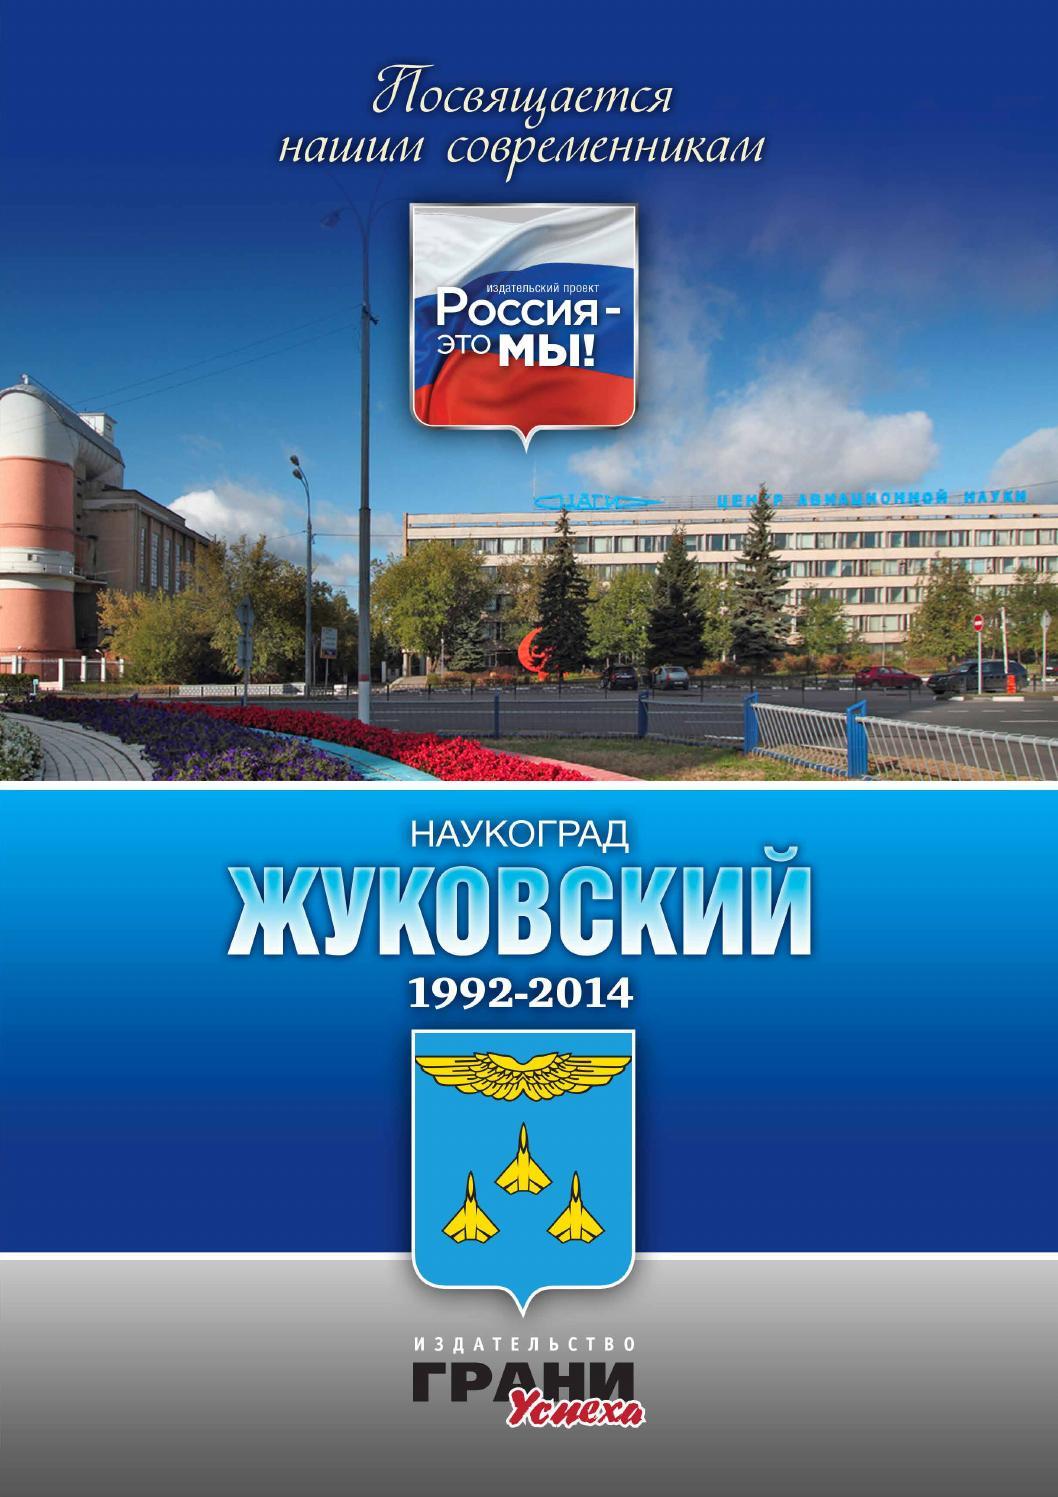 tur v greciju attika 141 701 rub chel - Тур в Грецию Аттика 141 701 руб. чел.